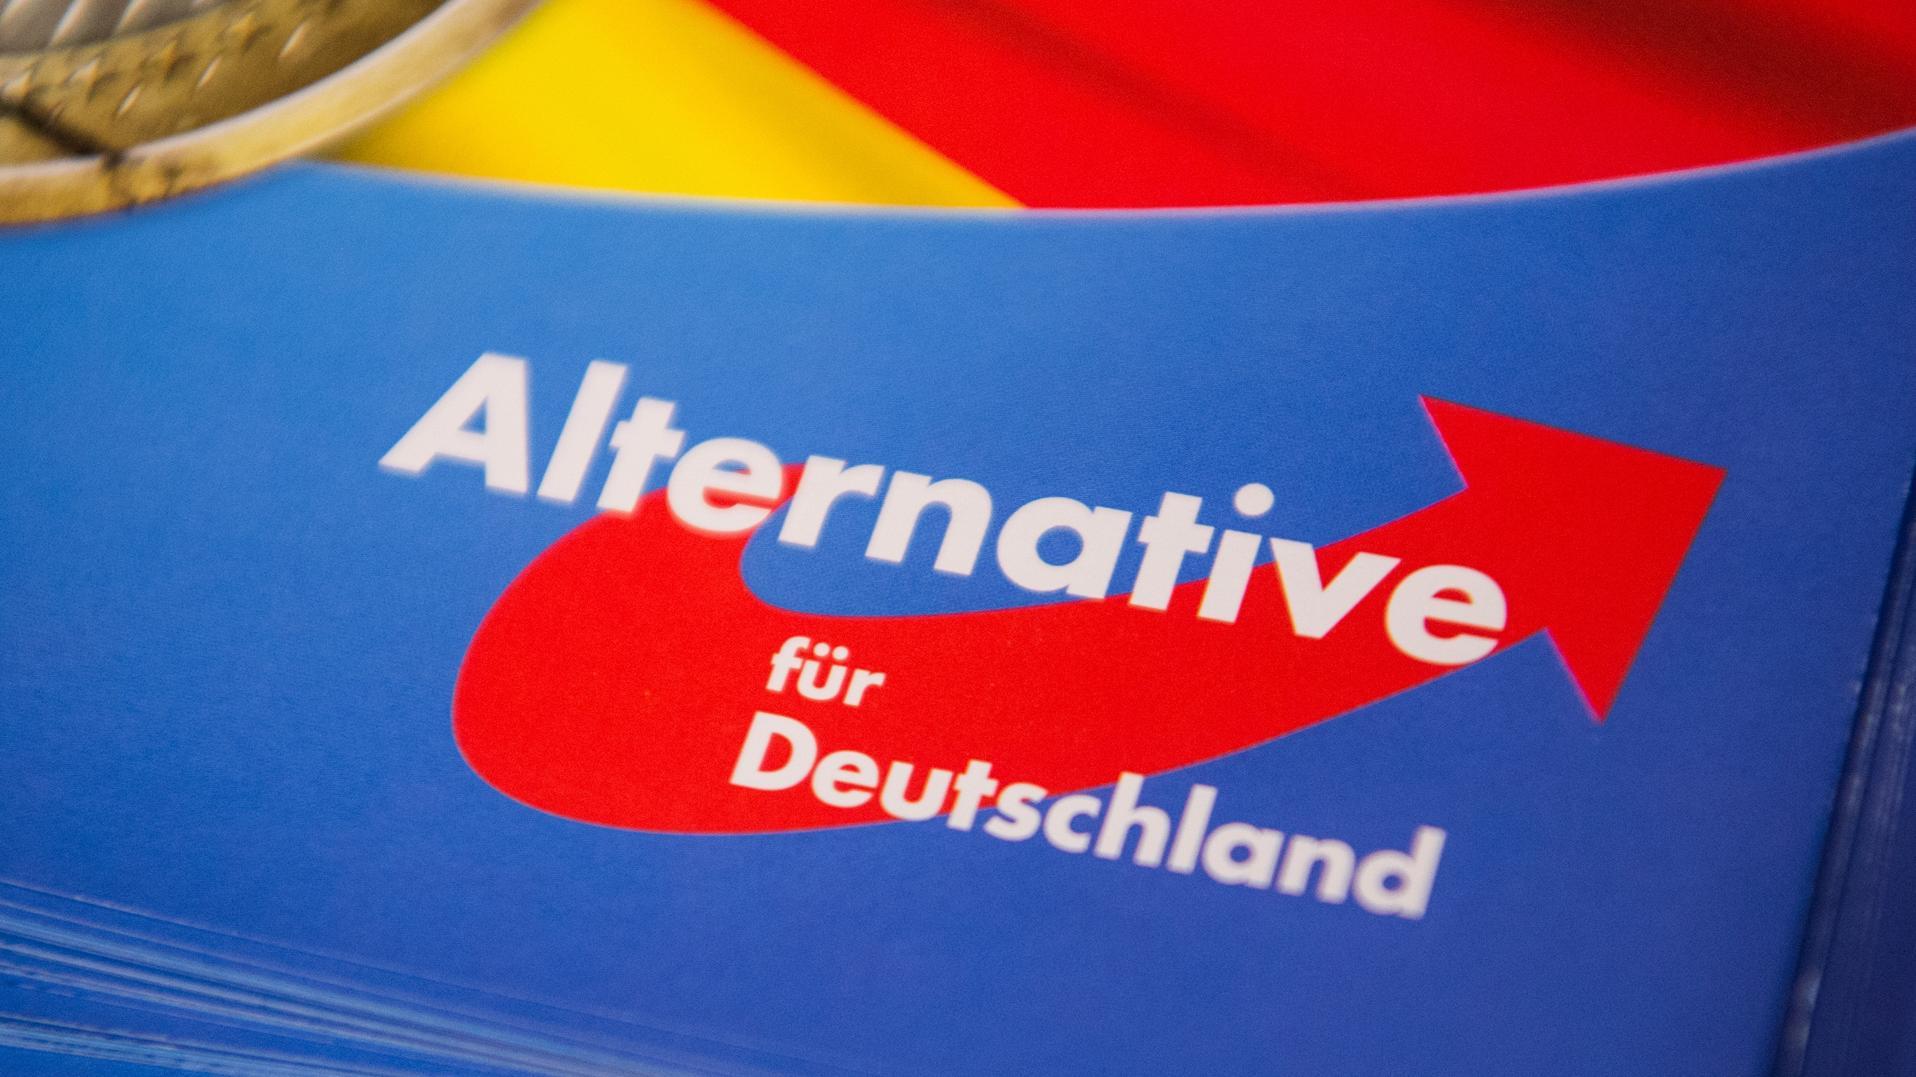 Illegale Parteienfinanzierung? Gratis Wahlkampfhilfe für die AfD